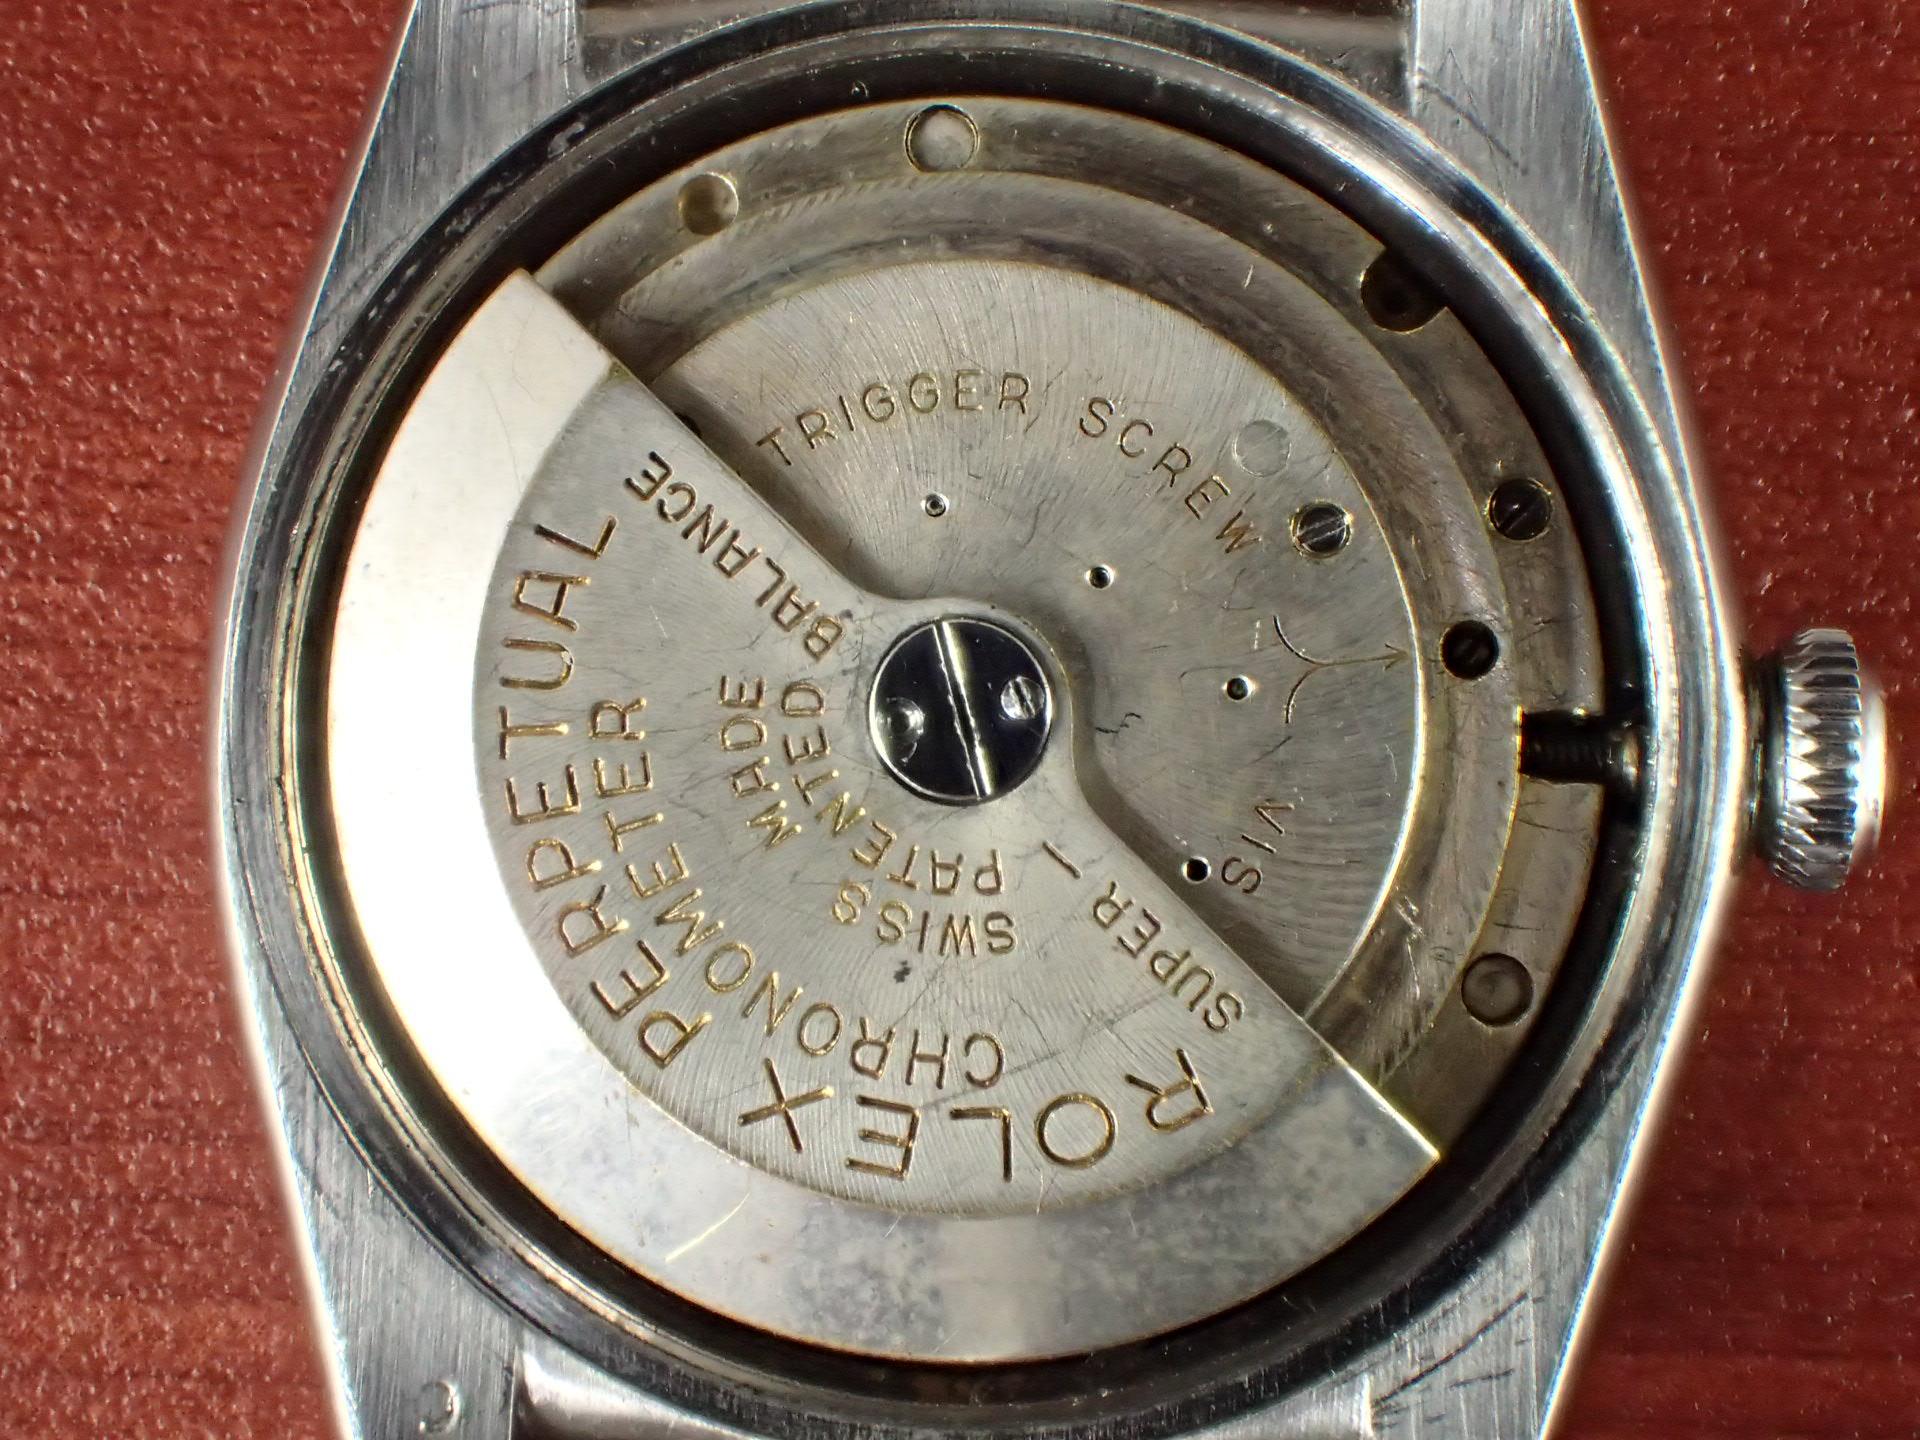 ロレックス バブルバック Ref.2940 セクターダイアル GFブレス付き 1940年代の写真5枚目